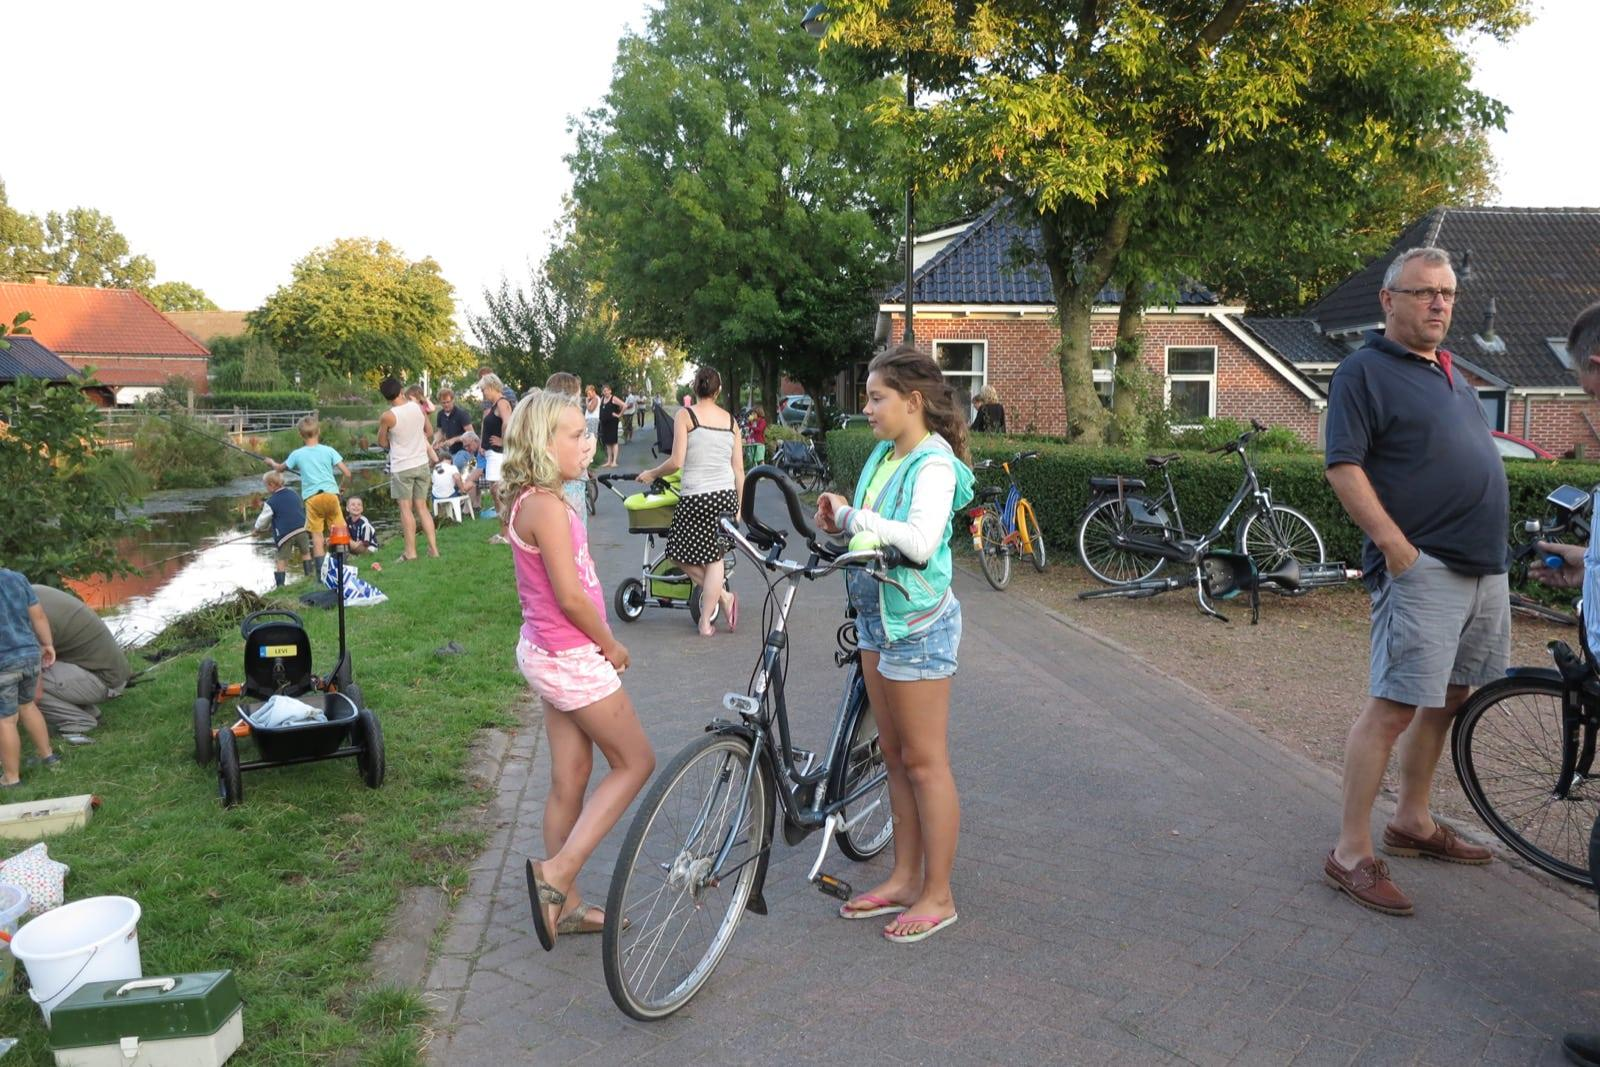 et-fiets-en-fietser-84-viswedstrijd-2016-dochters-bert-crum-en-jelle-v.d.-veen-oi.jpg